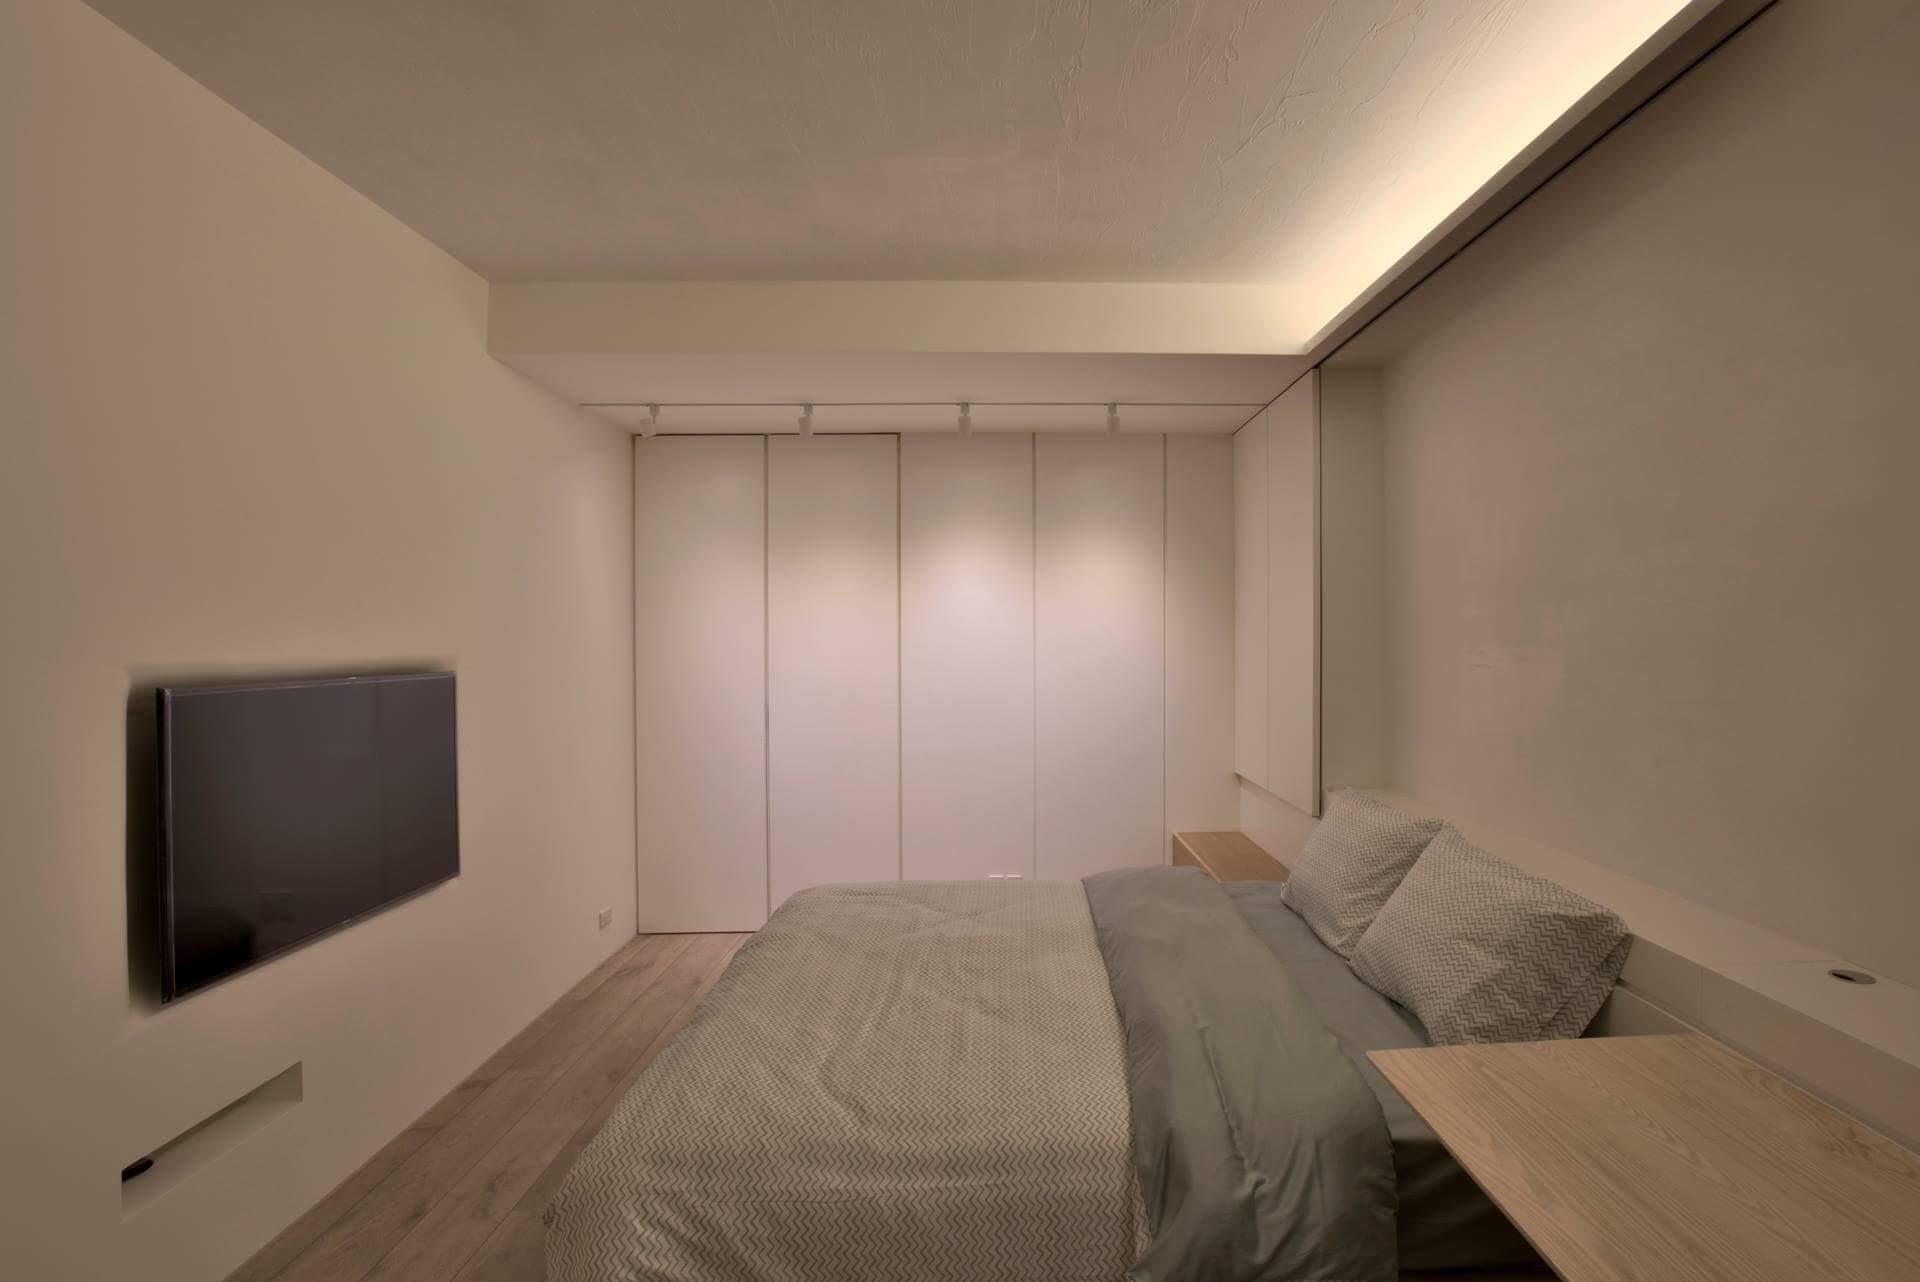 主臥空間 床頭床下都是收納空間